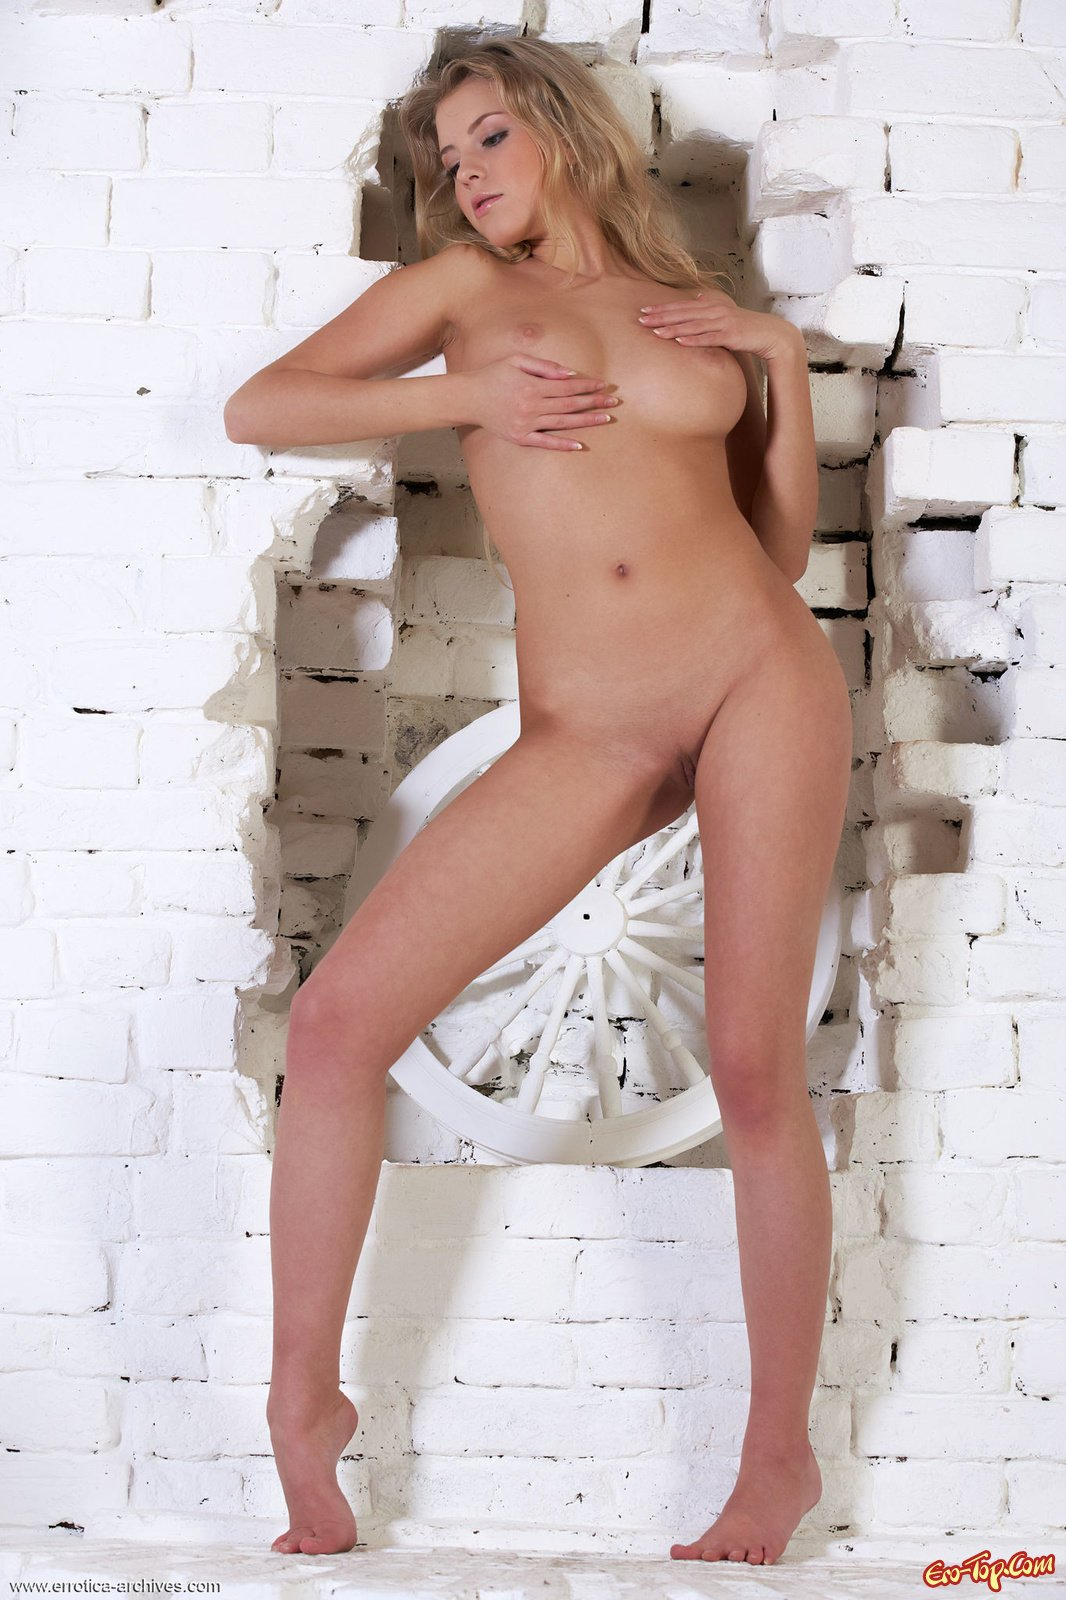 Голая блондинка оголяет вагину стоя у стены